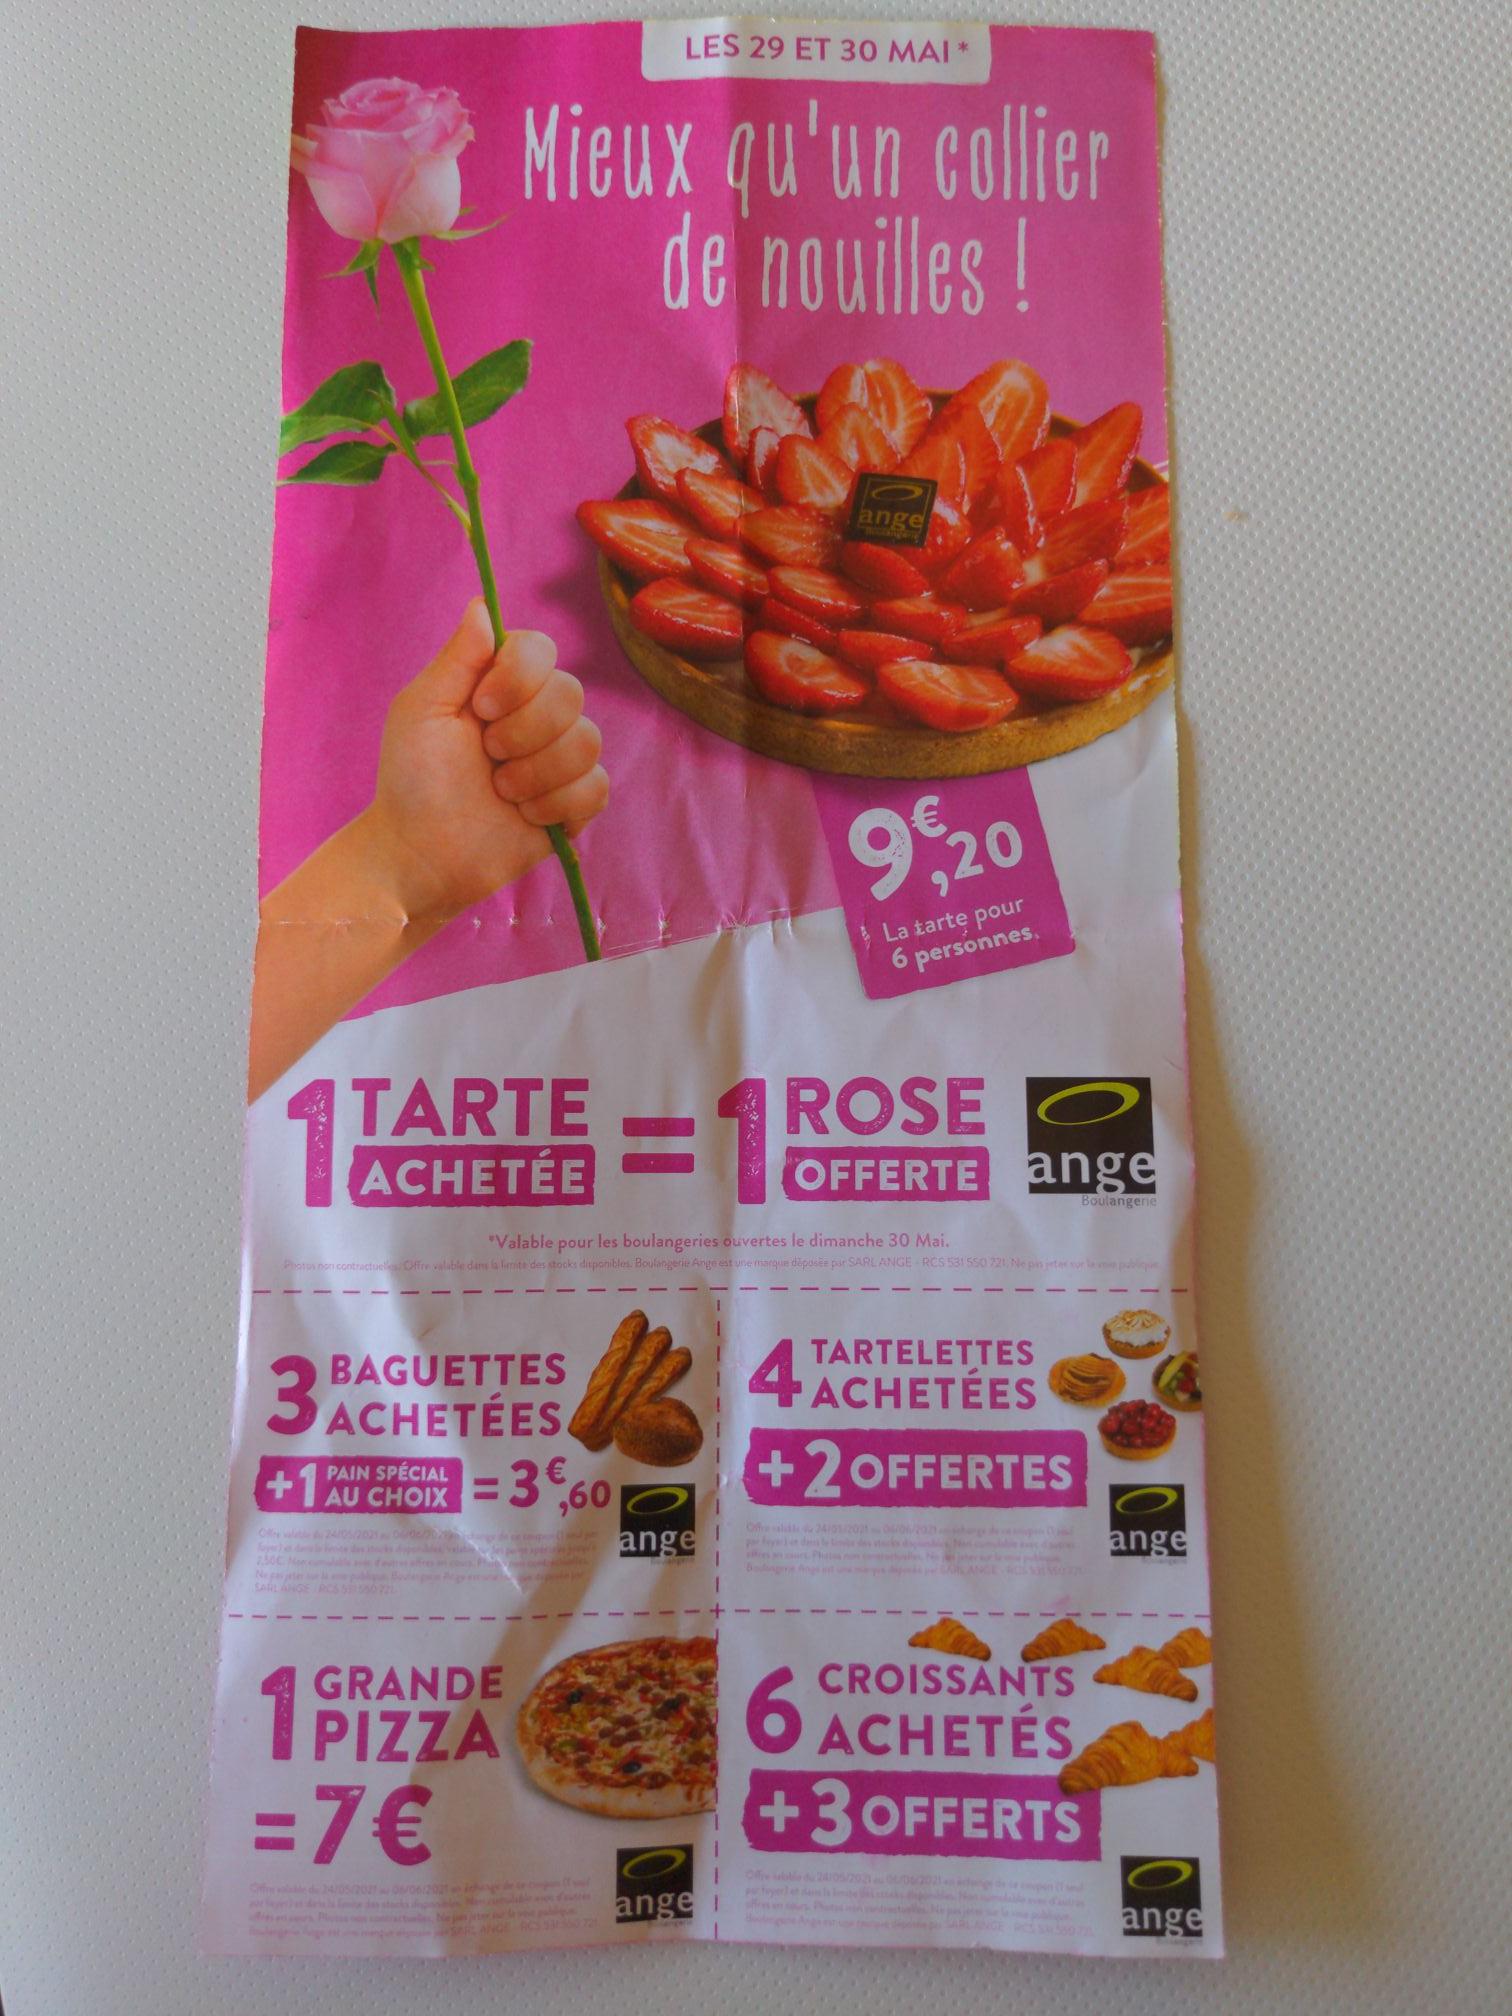 Sélection d'offres promotionnelles - Boulangerie Ange